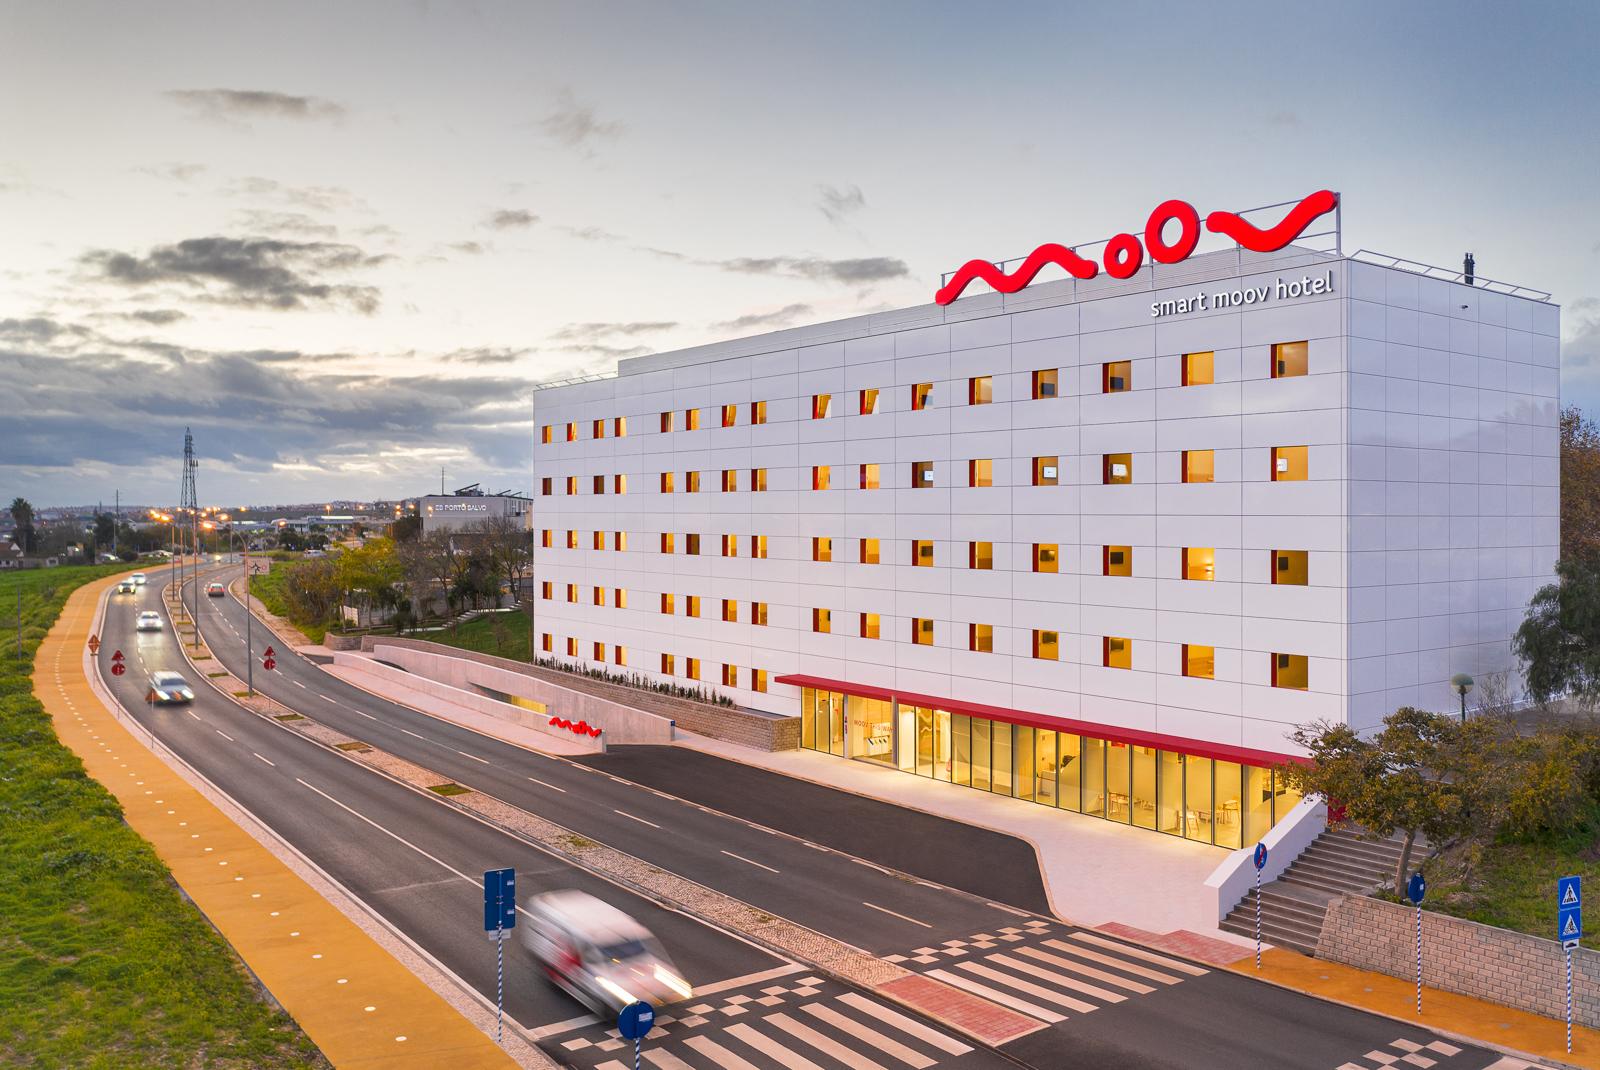 Hotel, Hotel Moov, Moov Hotel, Hotel Lisboa, Lisboa Hotel, Hotel Lisboa Económico, Hotel Moov Oeiras, Lisboa